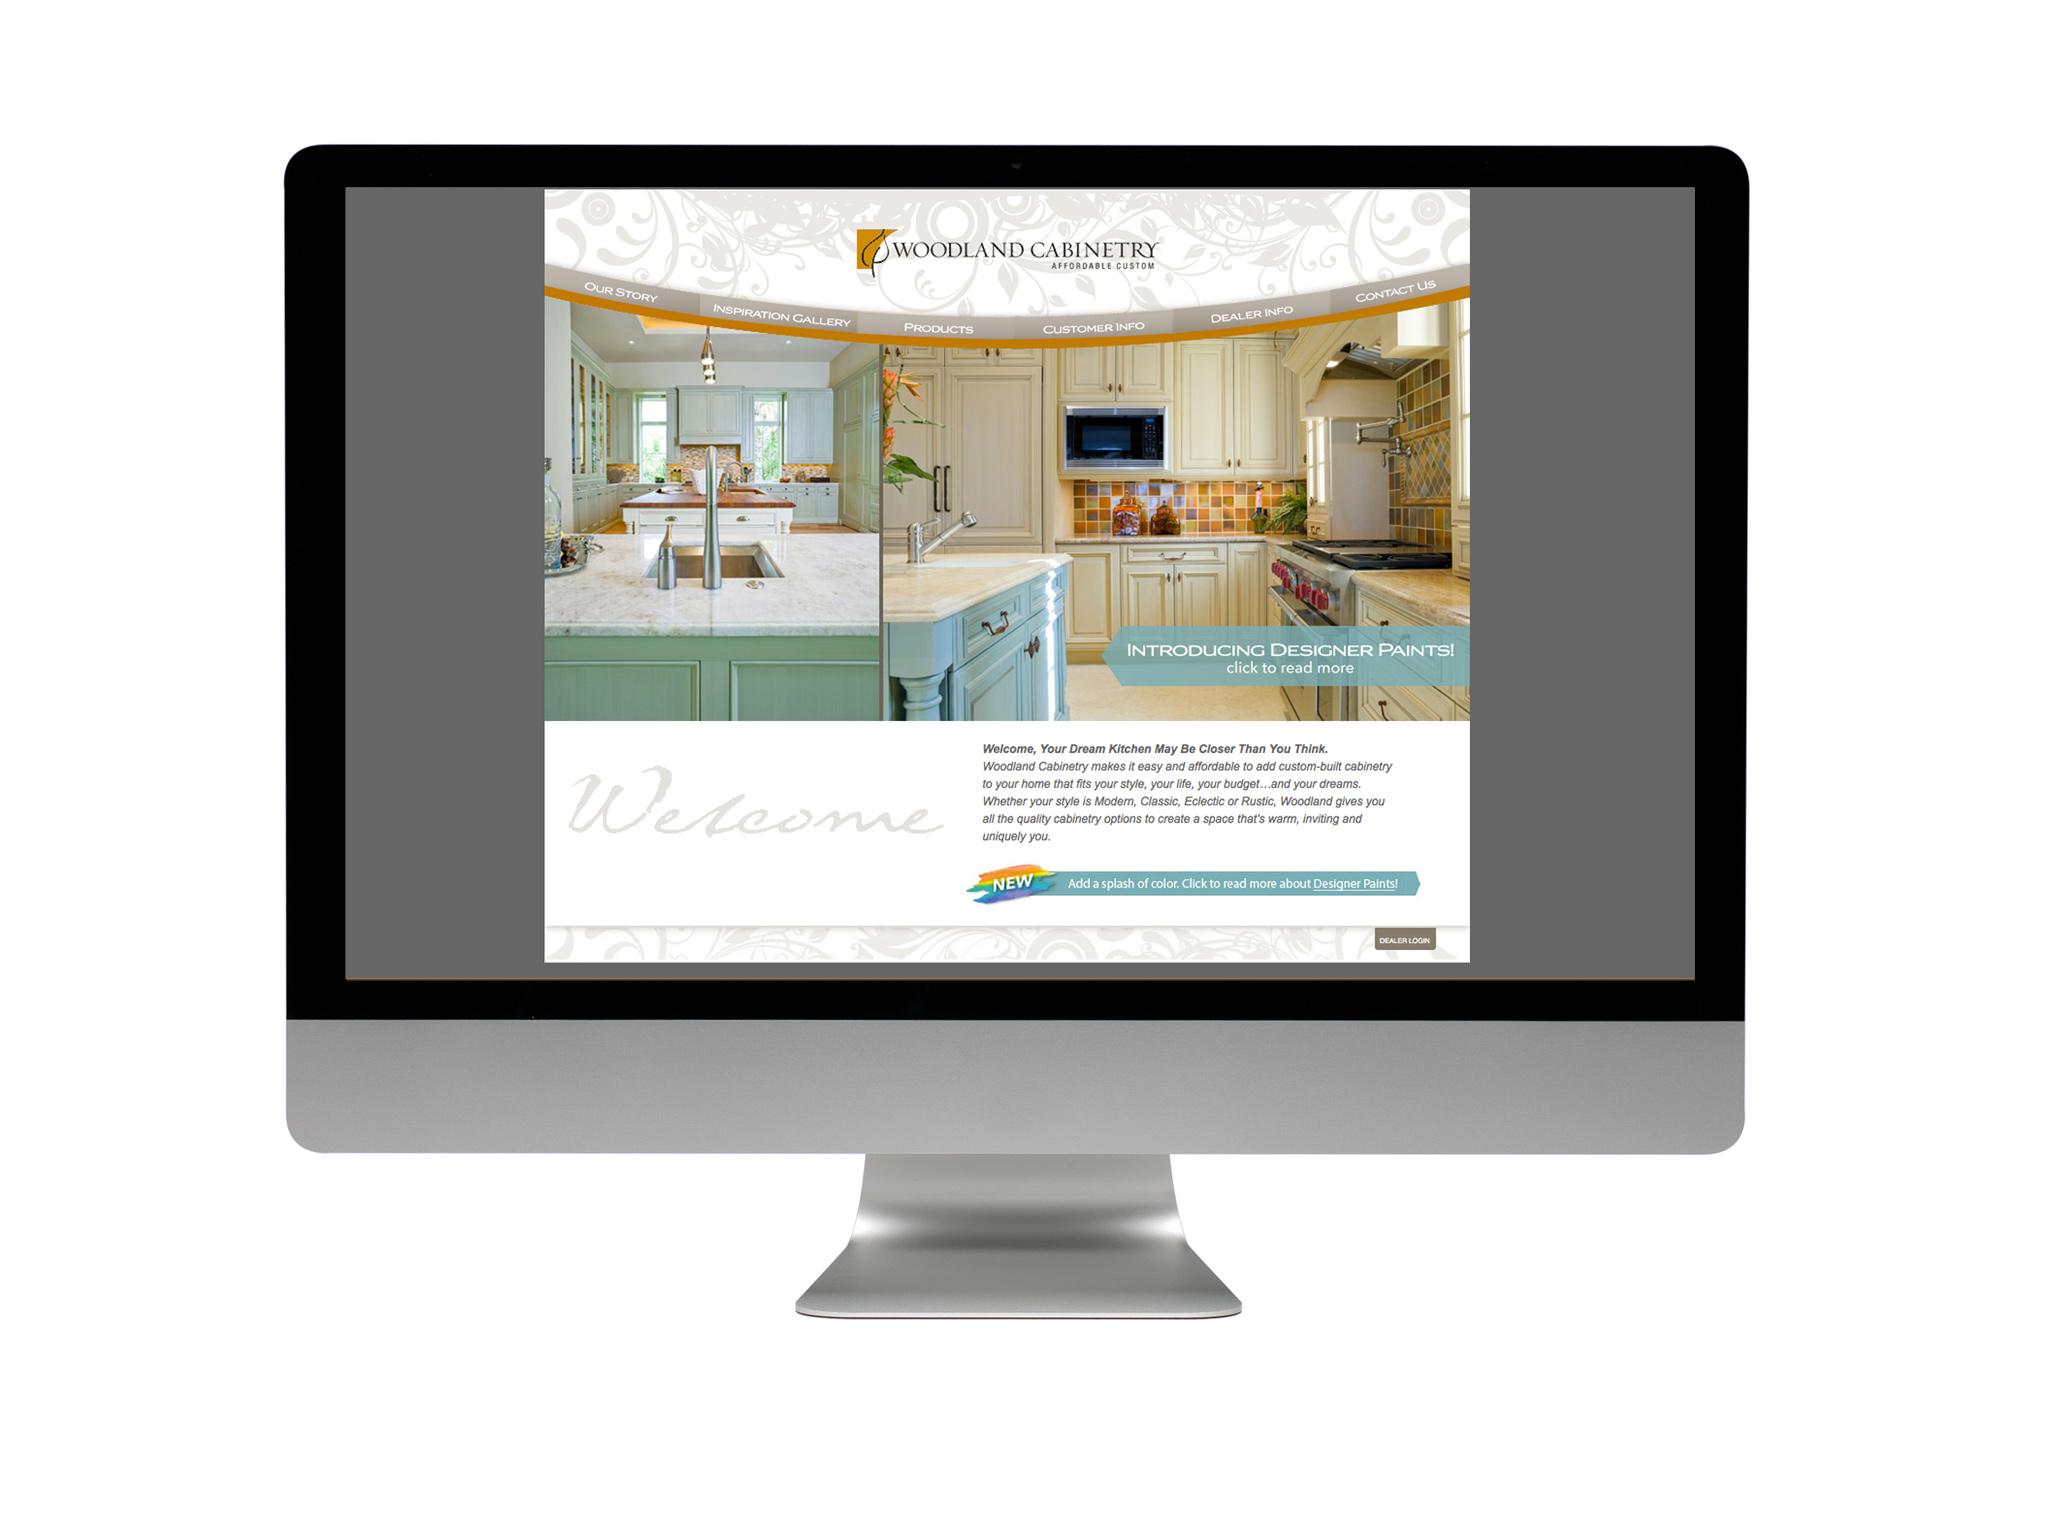 woodland cabinetry website schmitt creative